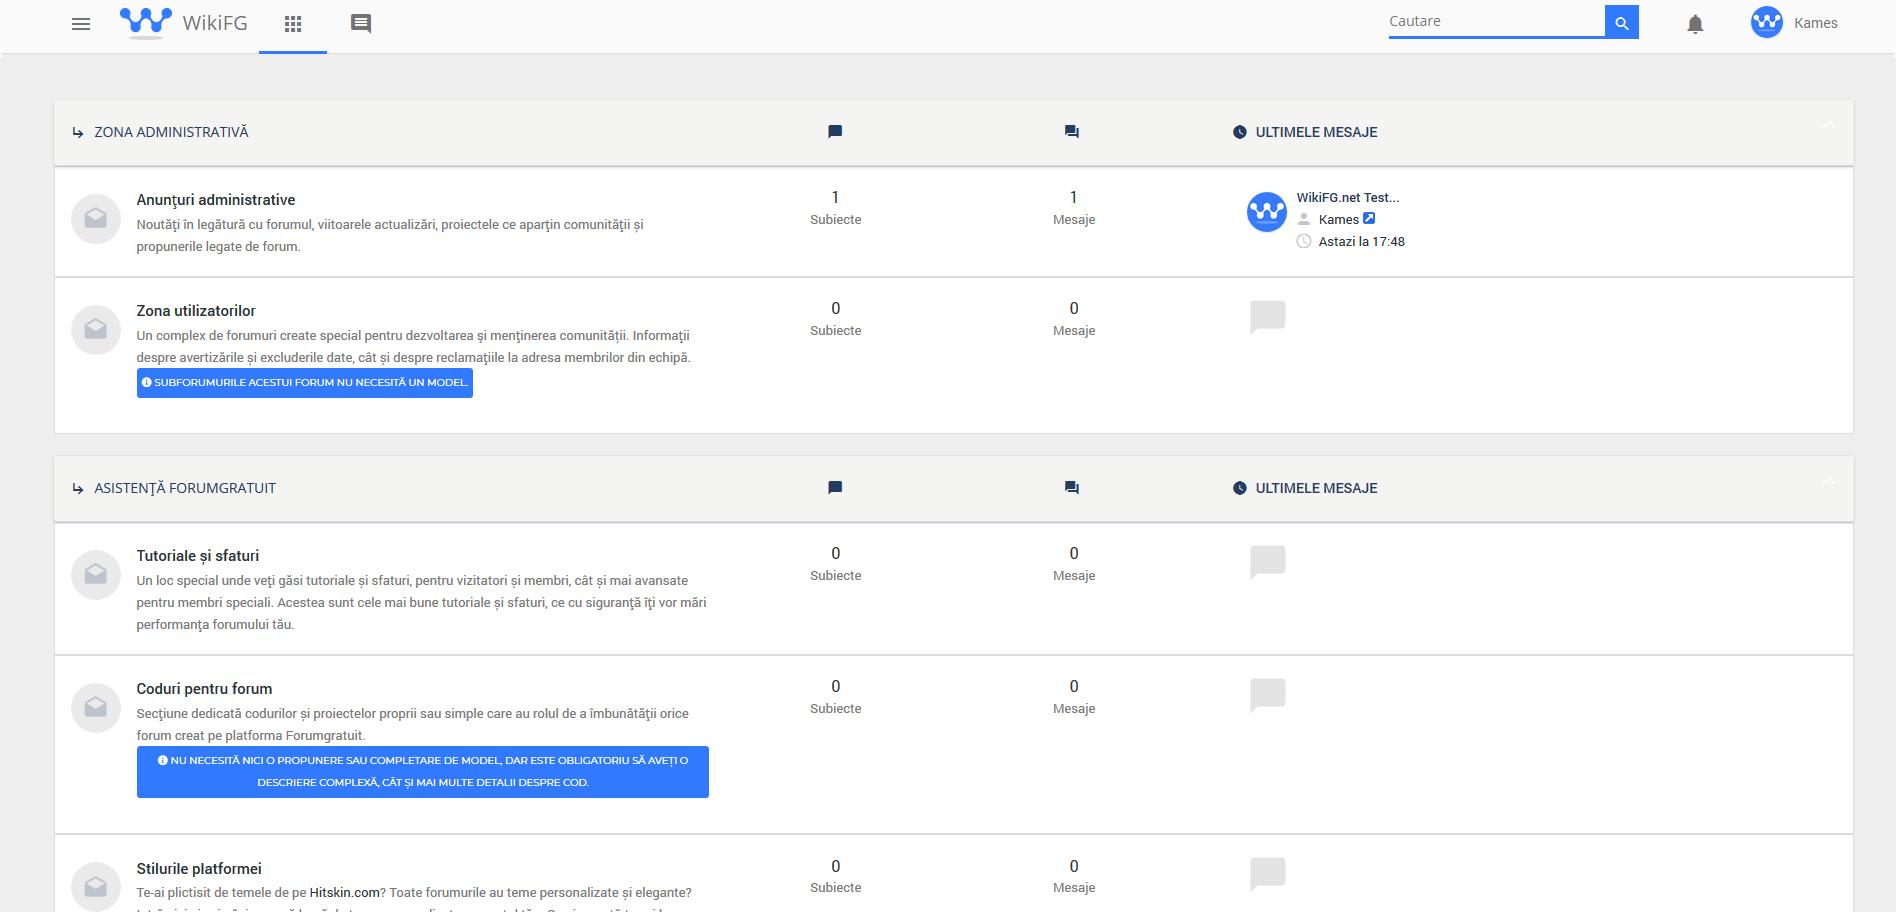 WikiFG.net - Tutoriale, teme și suport gratuit pentru Forumgratuit Wikifg10